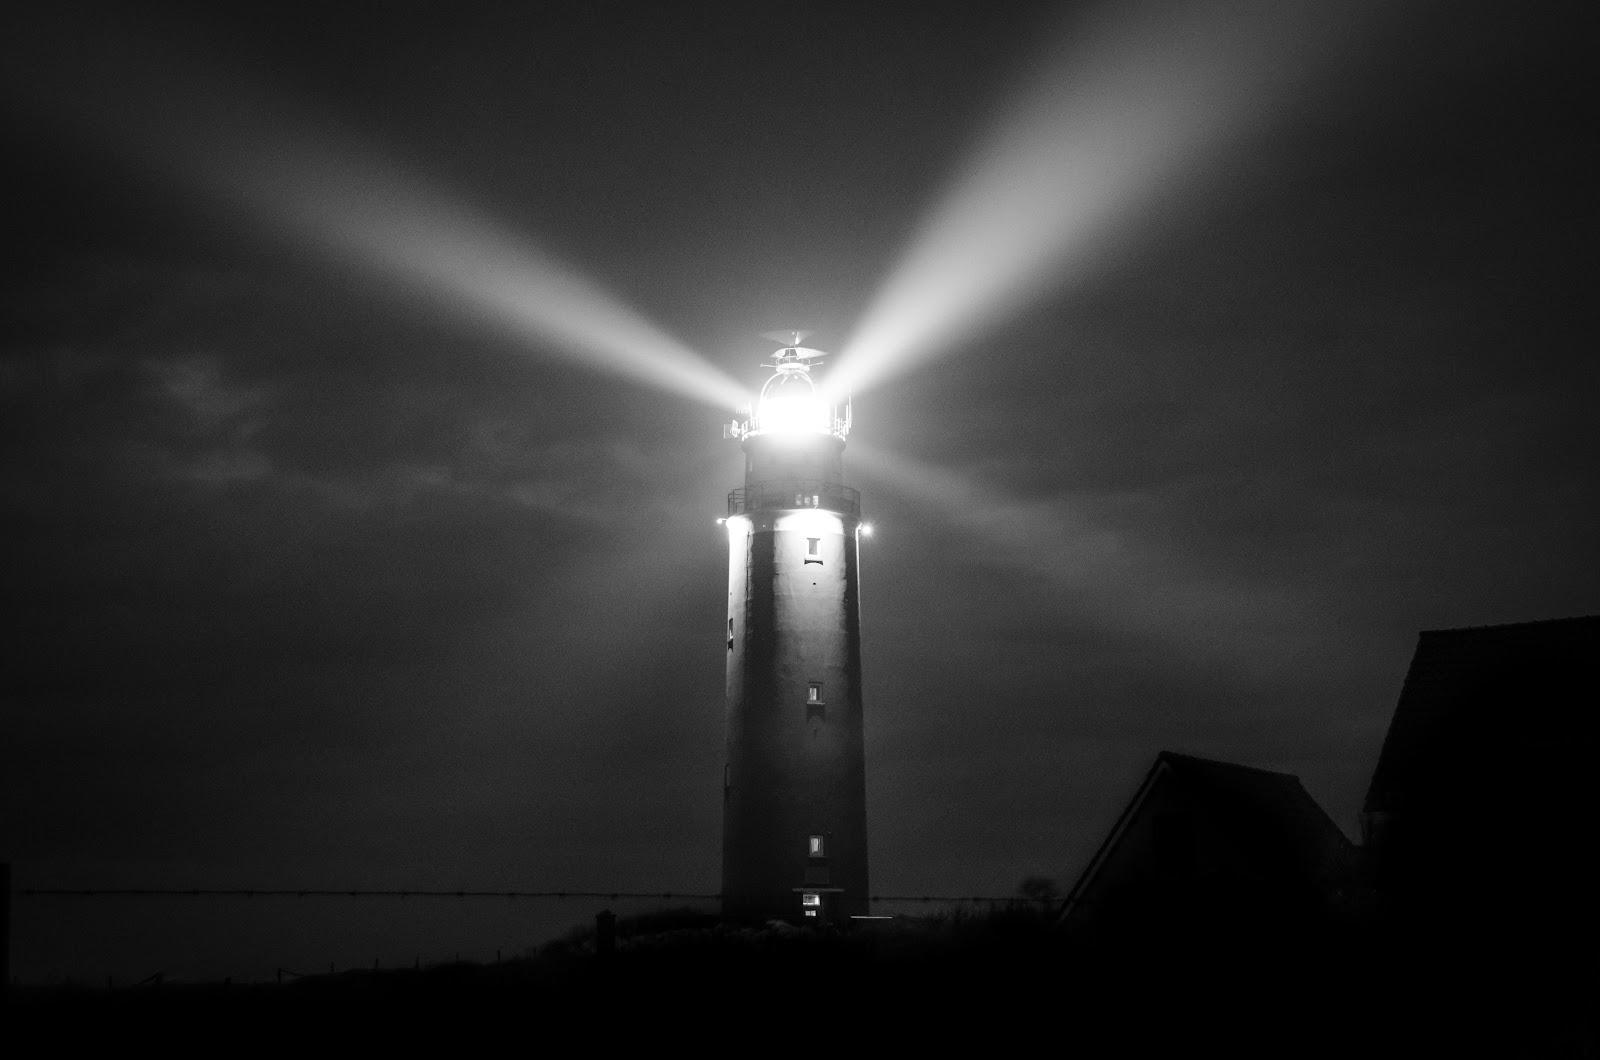 מגדלור באפילה מאיר את הדרך